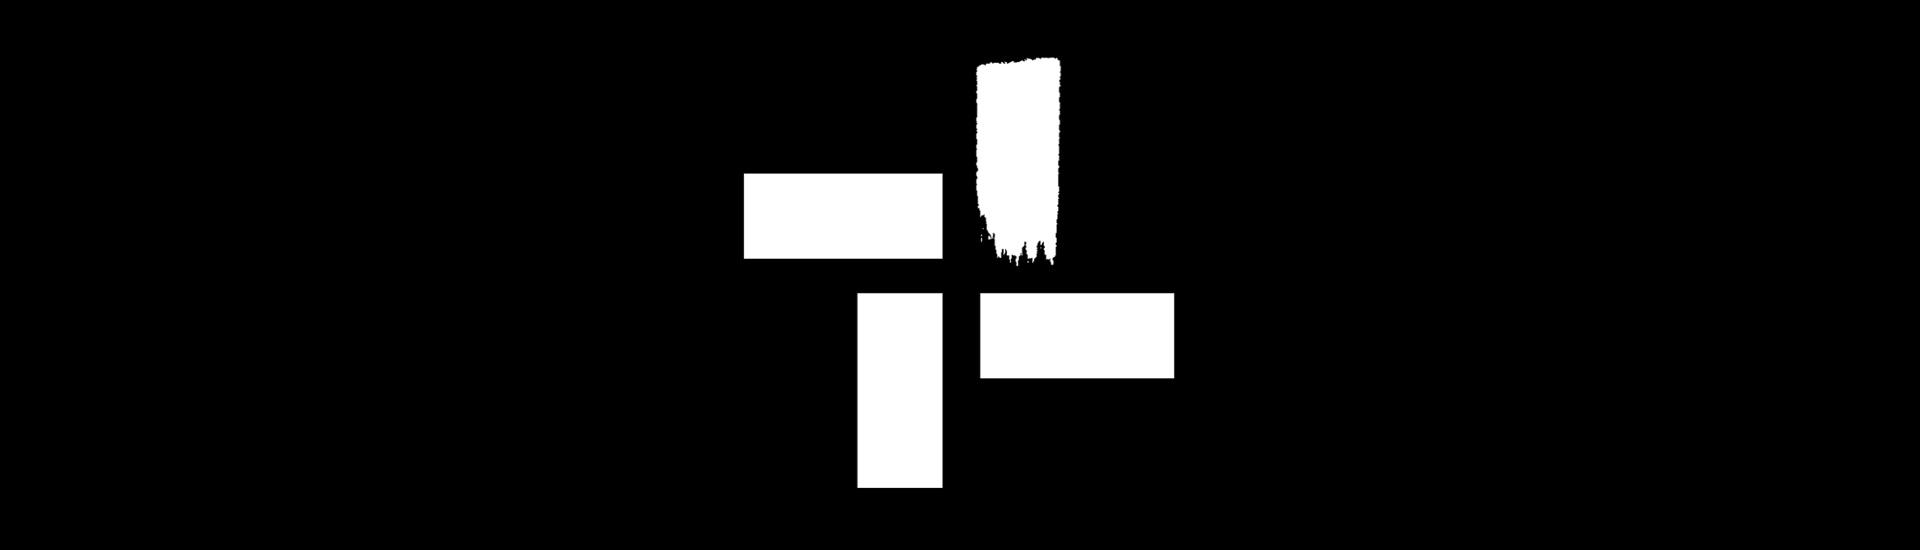 slogan-ep4-slider